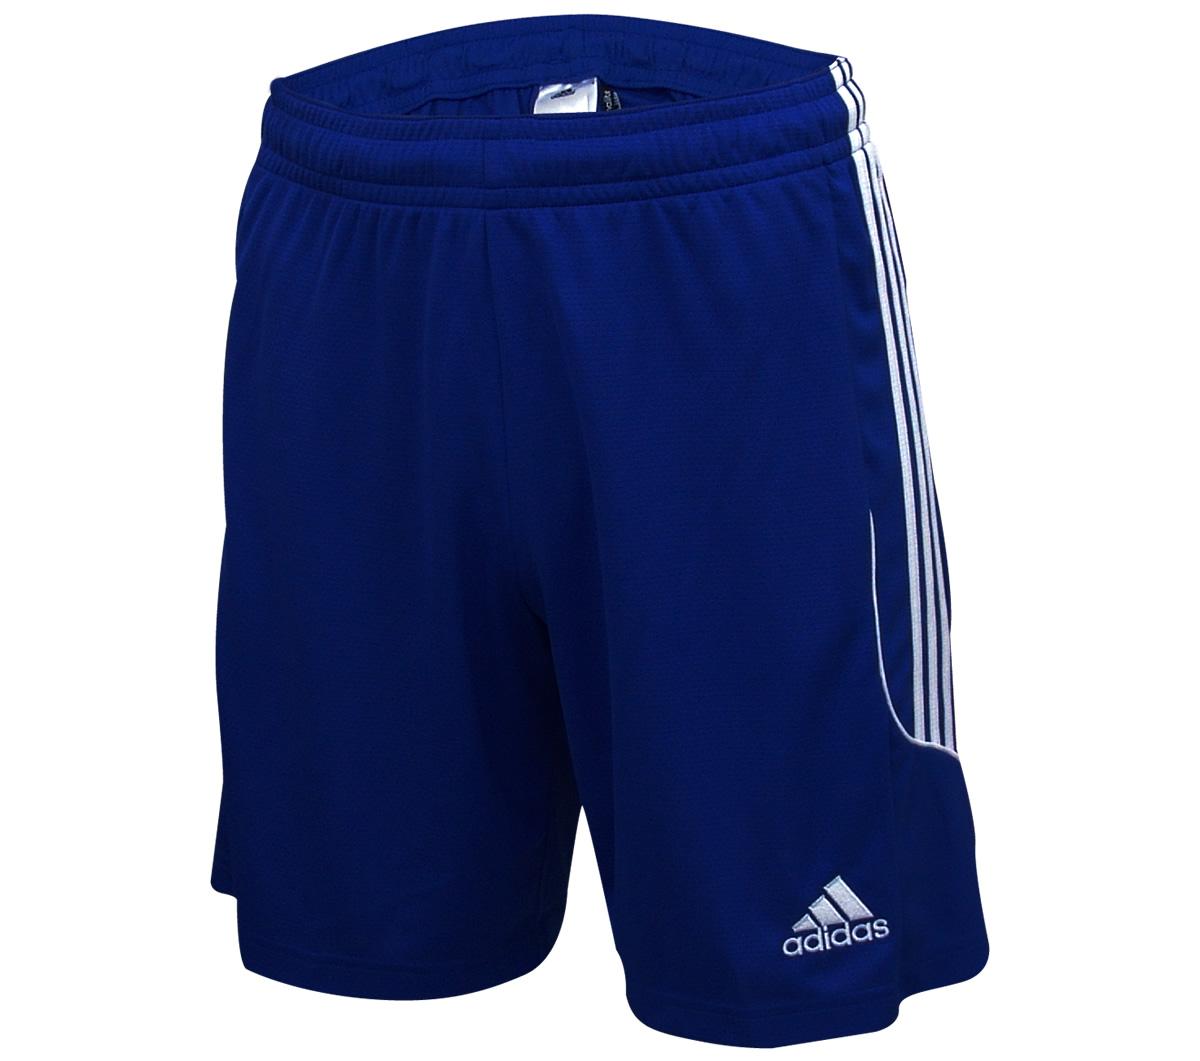 Calção Adidas Squadra 13 Azul e Branco - Mundo do Futebol 0935d4fd14f46